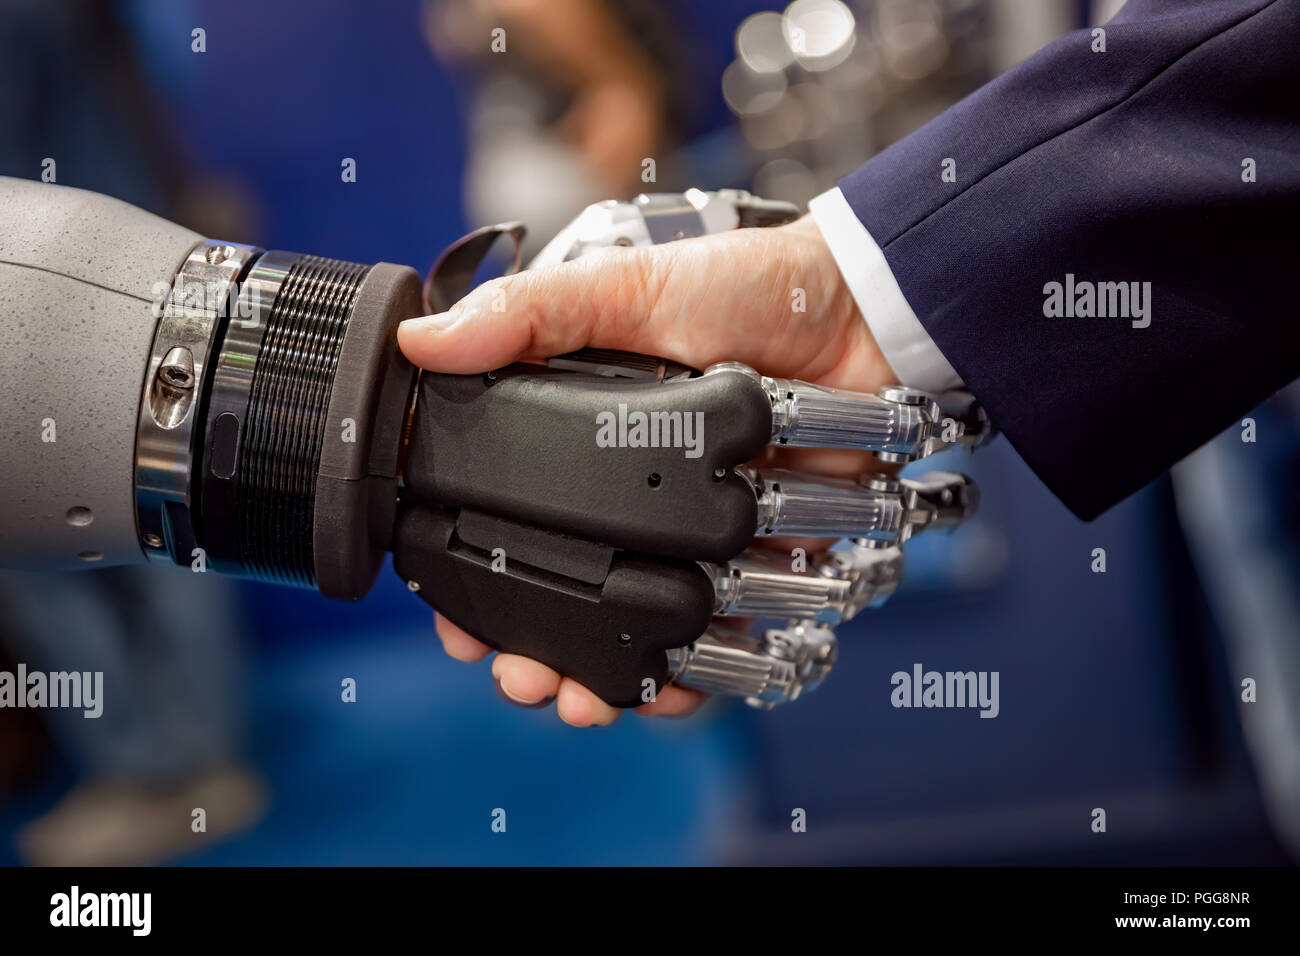 Human Robot Interaction Stock Photos & Human Robot Interaction Stock